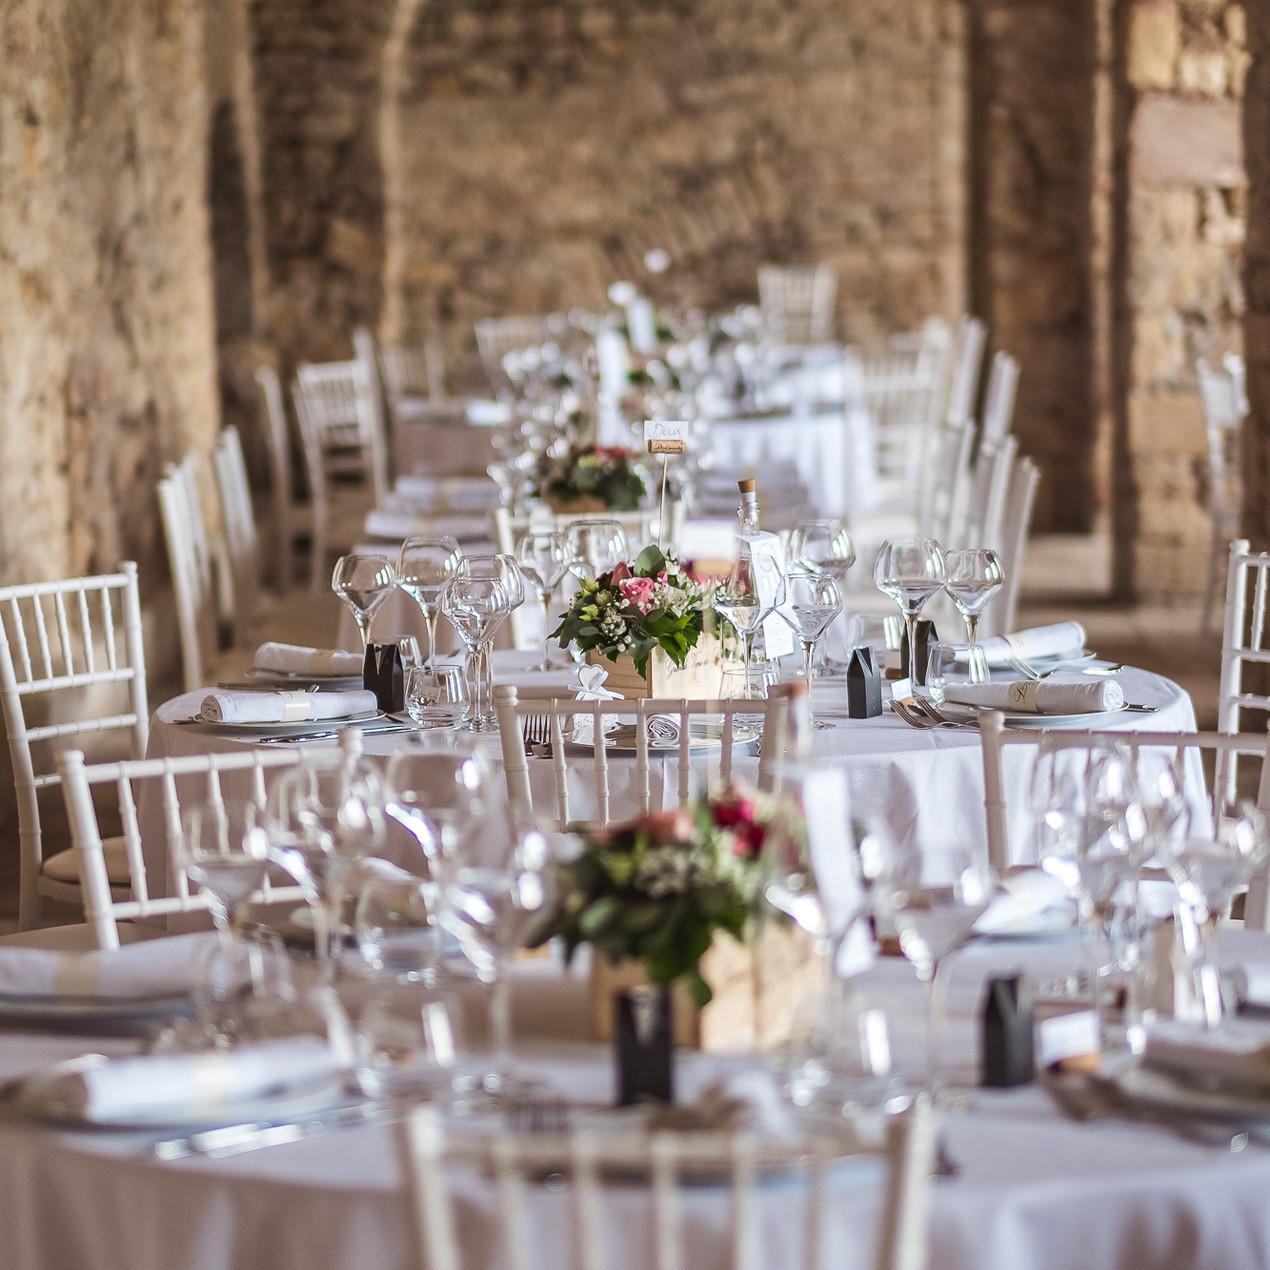 reportage photo mariage - anne bied - photographe mariage abbaye de la ferte